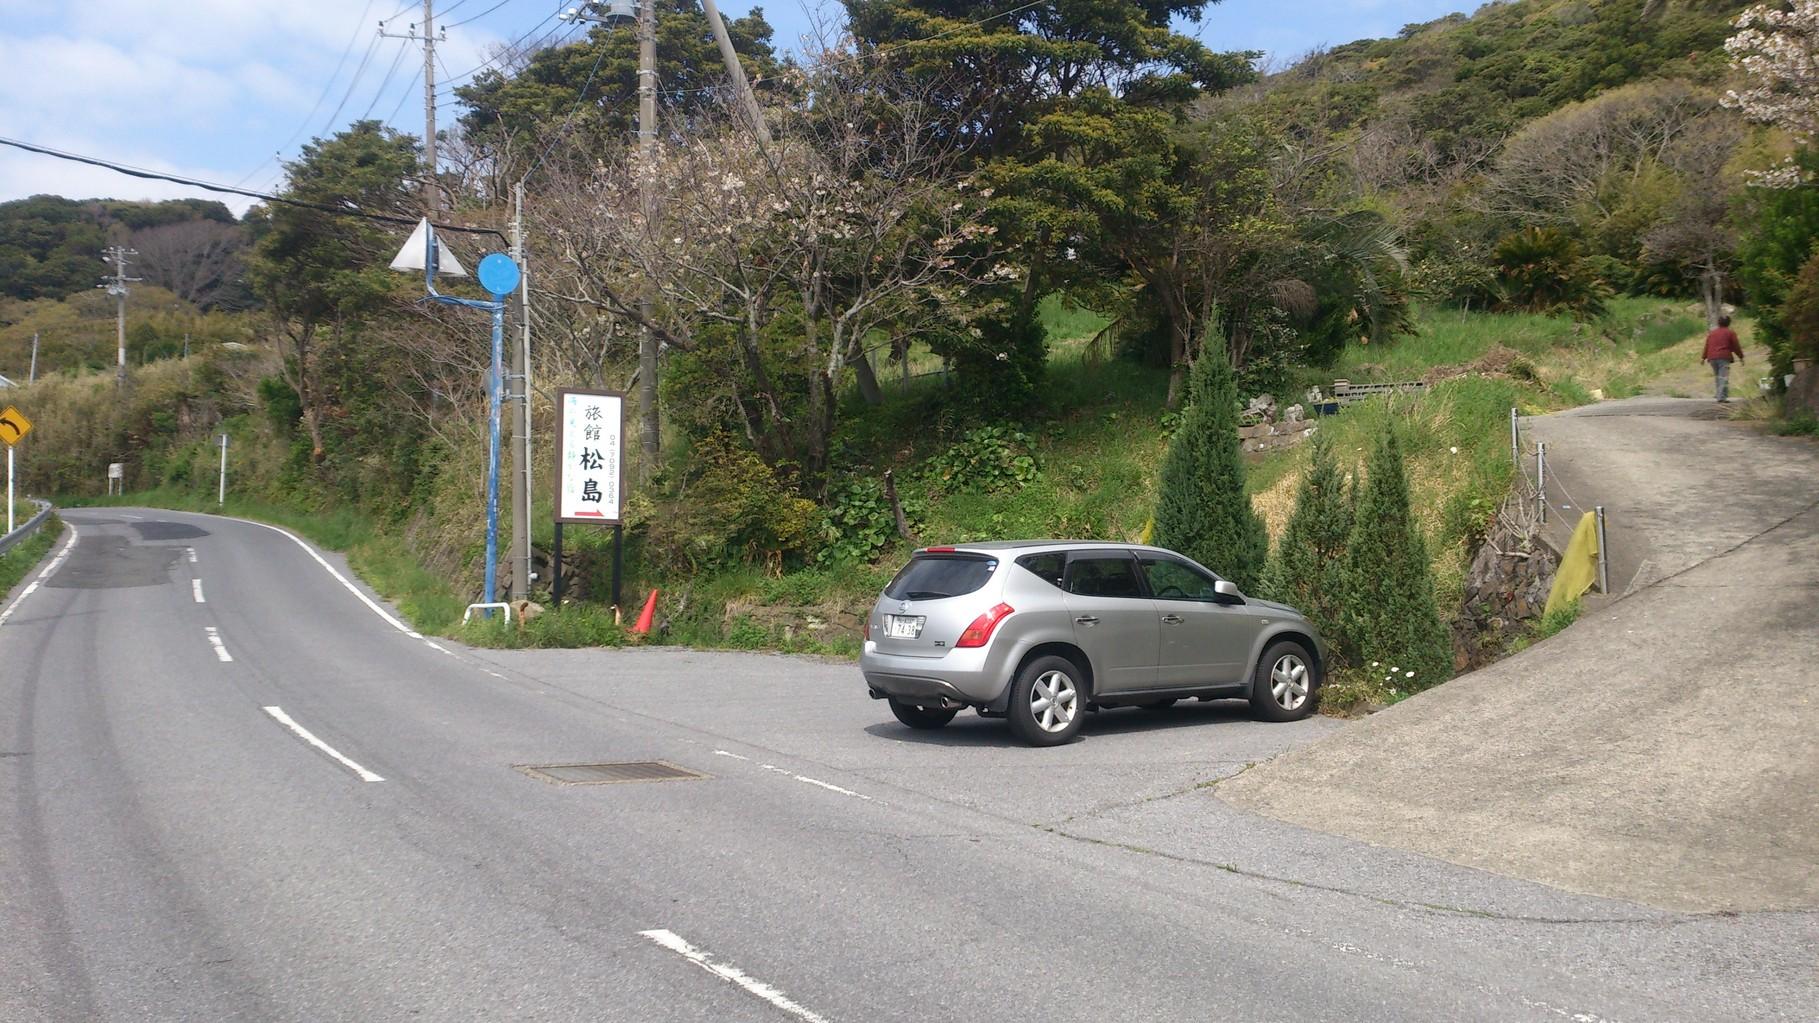 県道247号線海沿い旅館入口